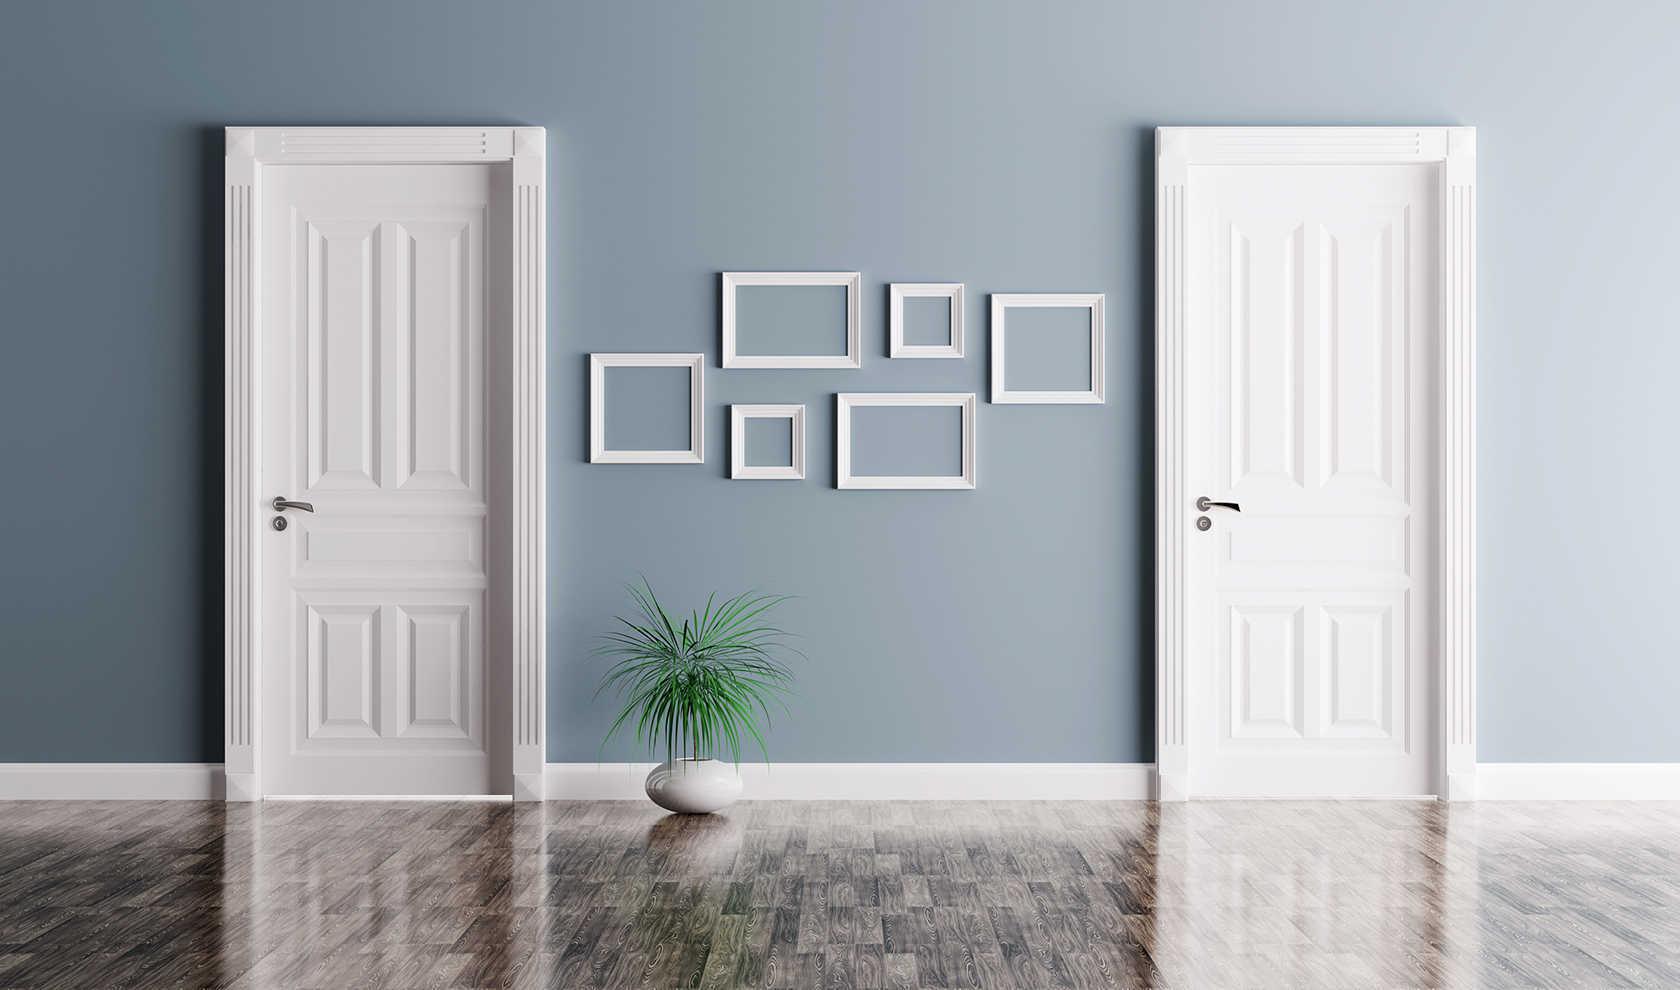 Dos puertas blancas separadas por marcos vacíos colgados en la pared suelo de madera colores marrones